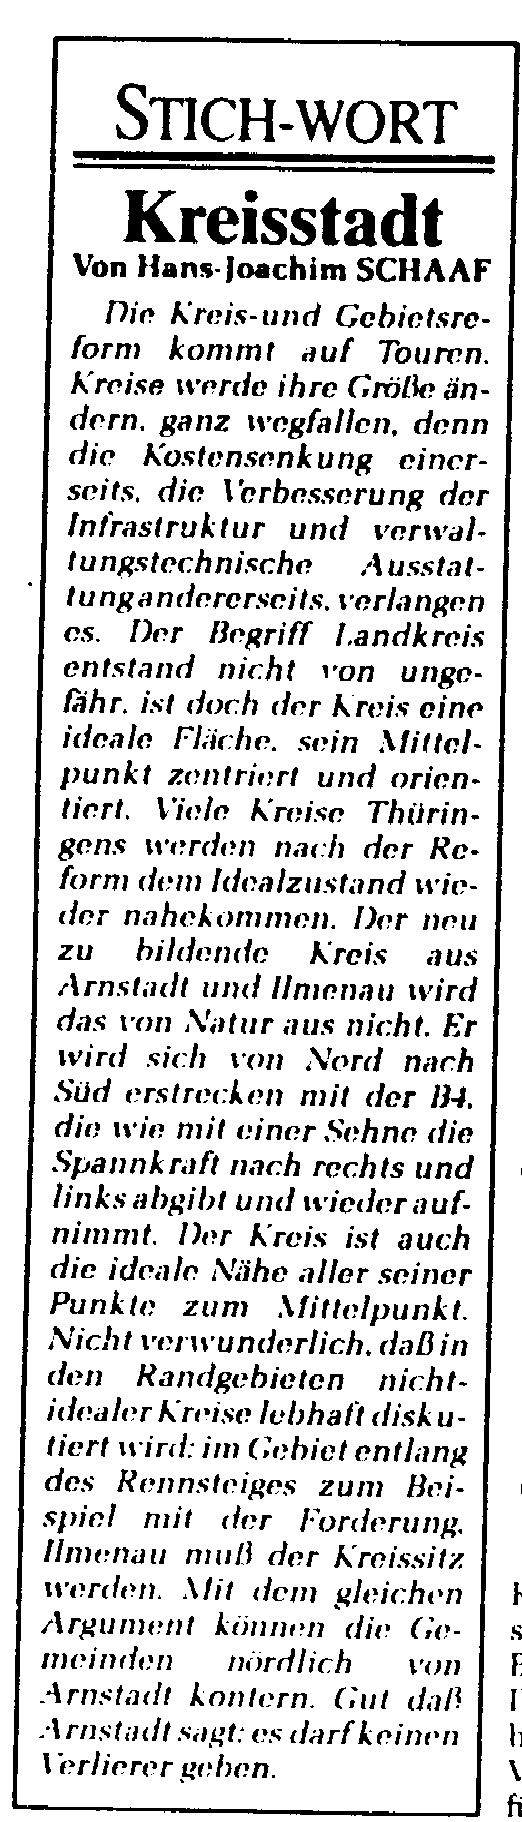 16-01-93 Stichwort Kreisstadt009